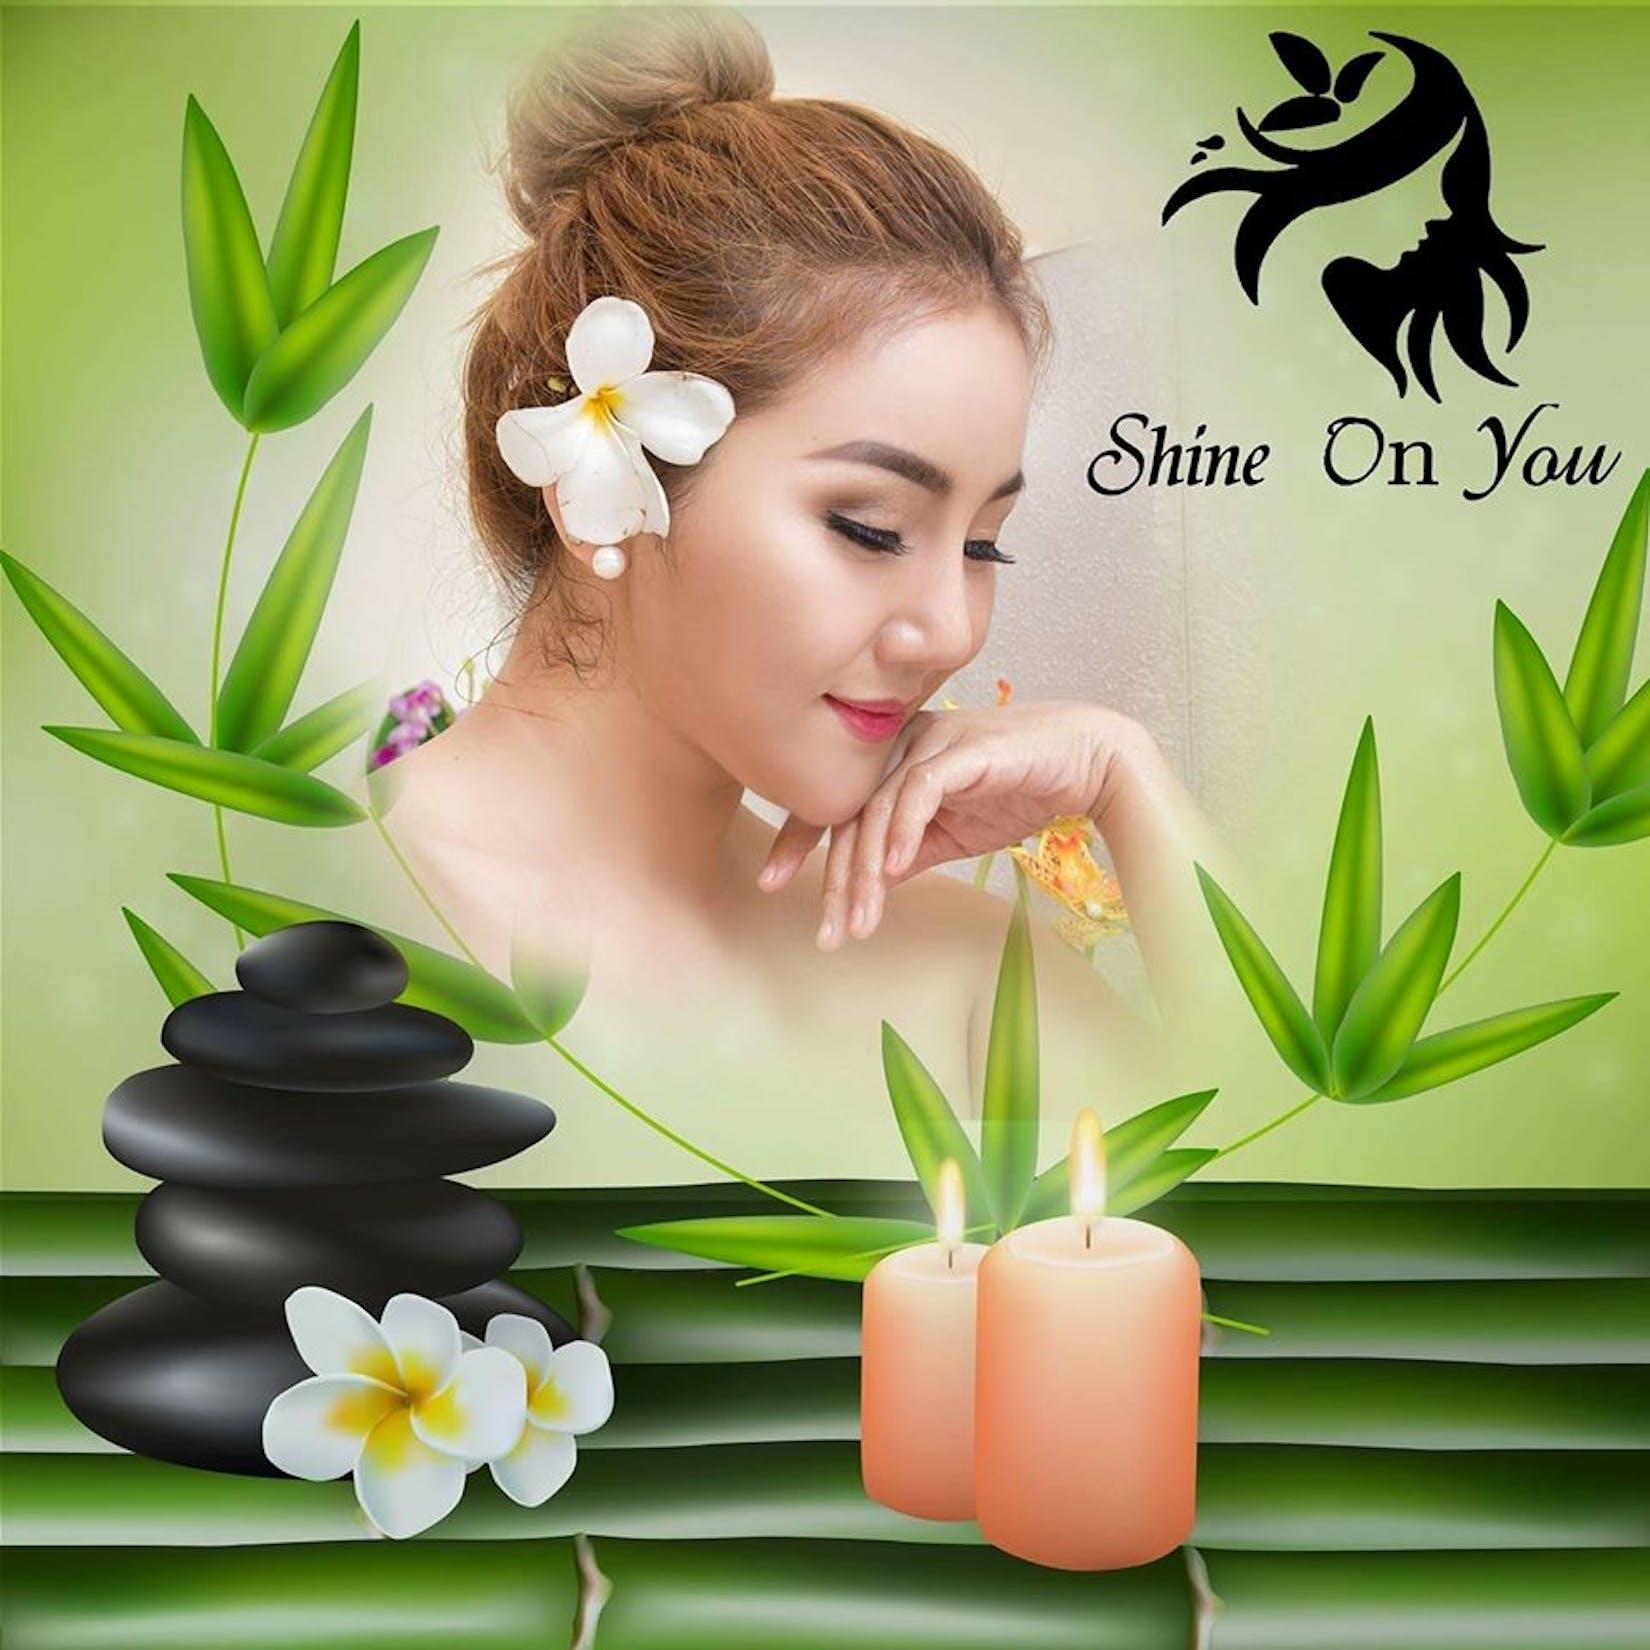 Shine On You Beauty & Spa | Beauty